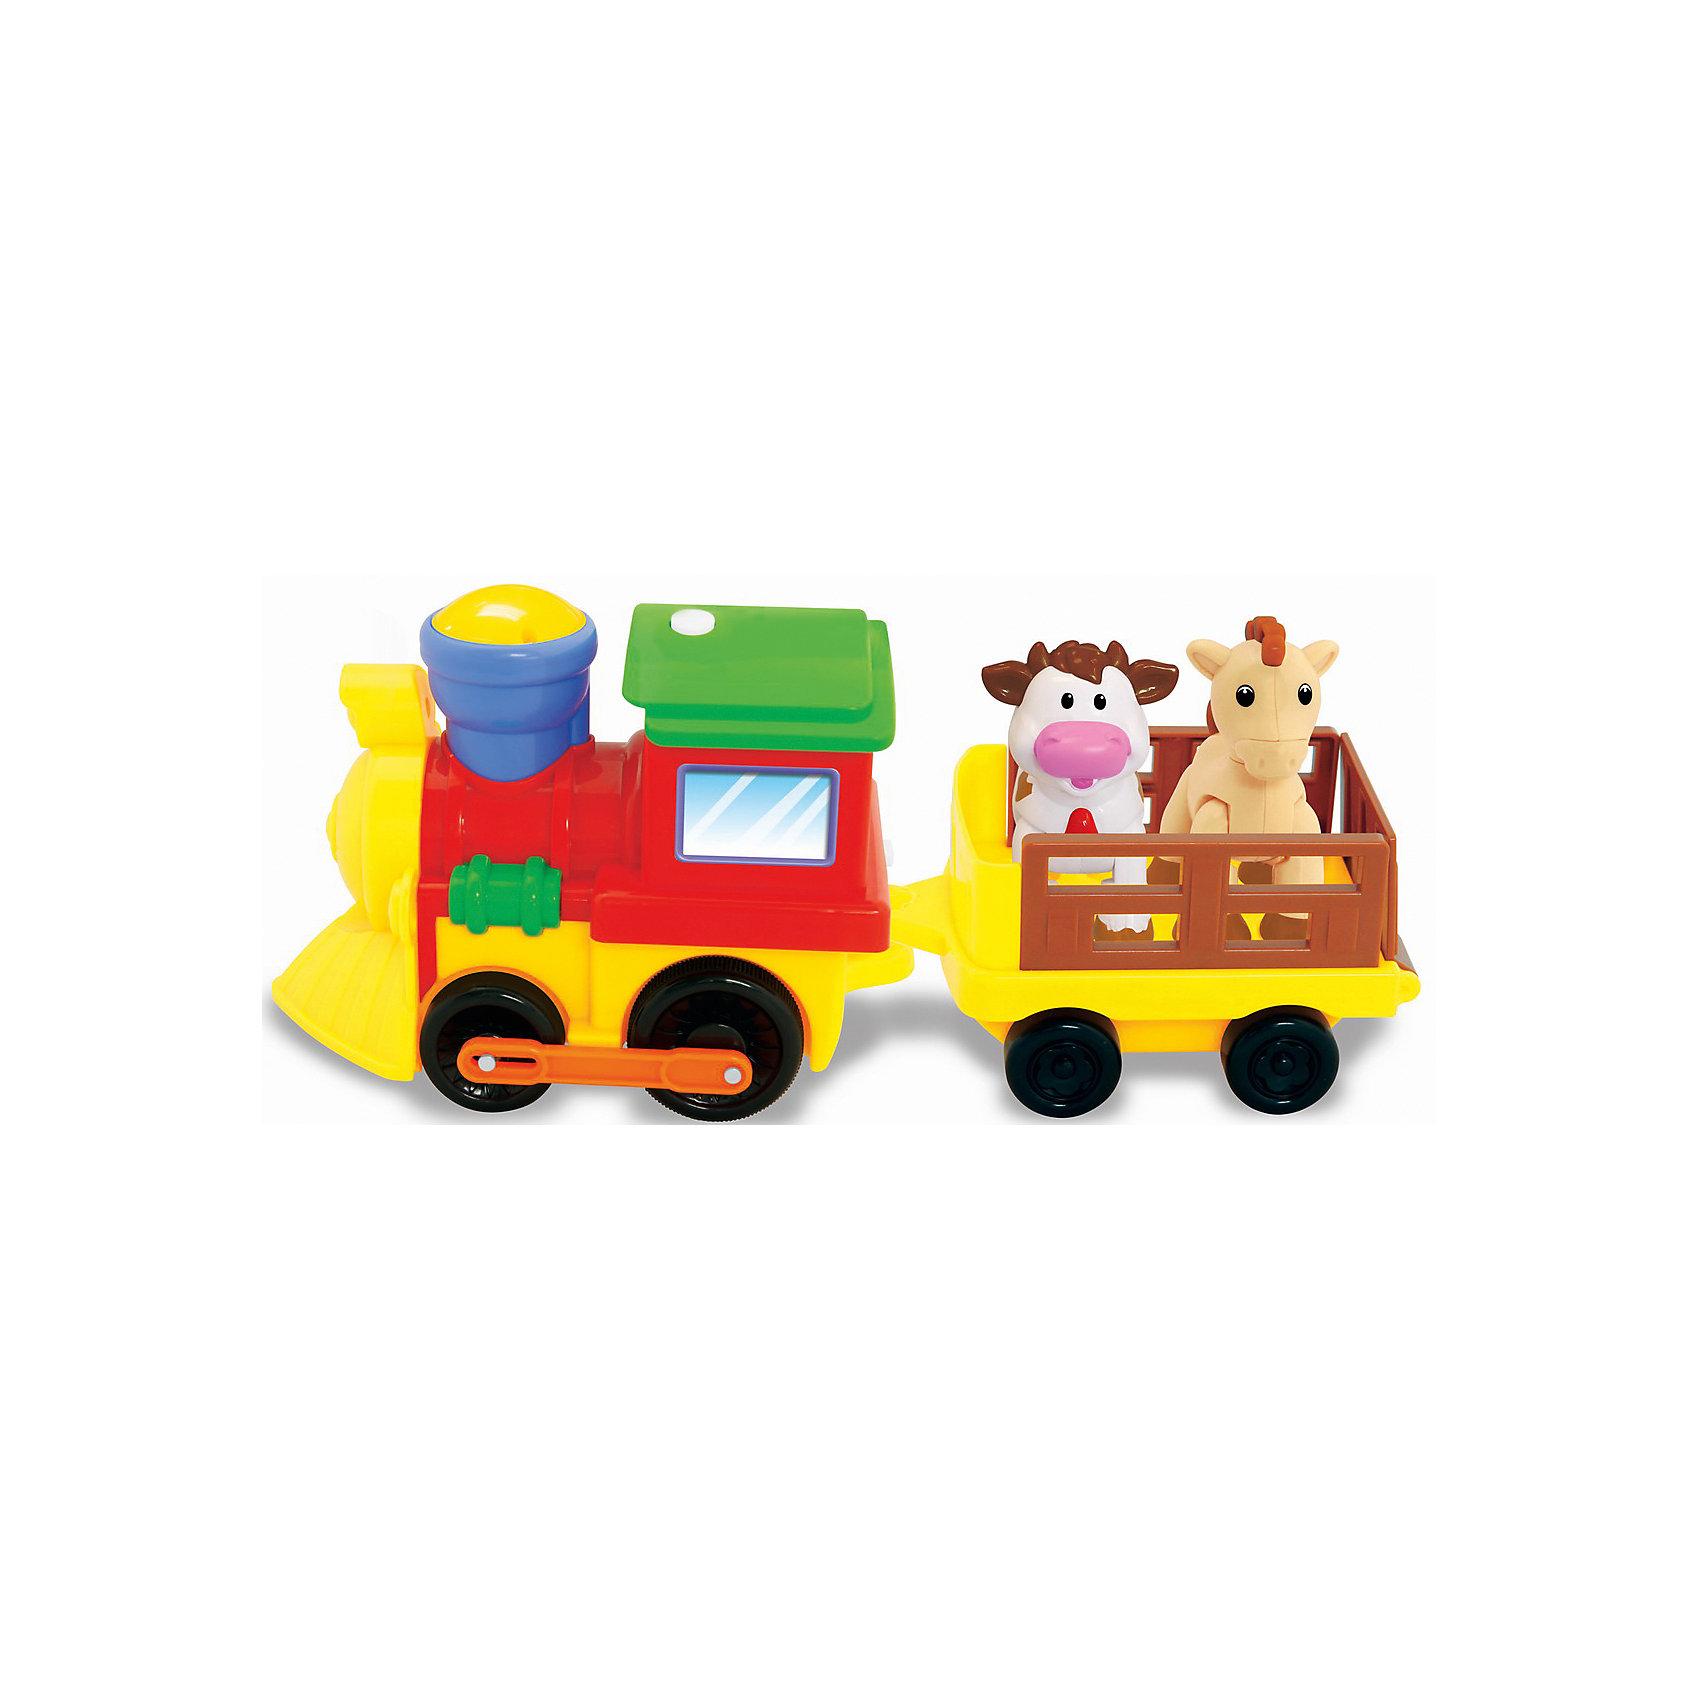 Развивающая игрушка Поезд с животными, KiddielandРазвивающие игрушки<br>Развивающая игрушка Поезд с животными, Kiddieland<br><br>Характеристики:<br>- В набор входит: поезд, вагончик, животные, элементы питания<br>- Материал: пластик<br>- Элементы питания: батарейки АА, 4 шт.<br>- Размер упаковки: 33 * 13 * 10 см.<br>Развивающая игрушка в виде поезда с животными от известного китайского бренда игрушек для детей Kiddieland (Киддилэнд) будет прекрасным подарком для ребенка. Оснащенный звуками и песенками он приведет малыша в восторг! В вагоне поезда едут коровка и лошадка. Интерактивный трактор ездит, издает звук поезда, сигналит, рассказывает стишки и включает песенки. Животных можно вынуть из прицепа и использовать для других игр. Изготовленная пластика высокого качества, разноцветная игрушка способствует развитию памяти, воображения, восприятия цвета и звука, социальных навыков, моторики рук.<br>Игровой развивающий центр Поезд с животными, Kiddieland  (Киддилэнд) можно купить в нашем интернет-магазине.<br>Подробнее:<br>• Для детей в возрасте: от 1 до 3 лет<br>• Номер товара: 5054083<br>Страна производитель: Китай<br><br>Ширина мм: 350<br>Глубина мм: 150<br>Высота мм: 115<br>Вес г: 680<br>Возраст от месяцев: 12<br>Возраст до месяцев: 36<br>Пол: Унисекс<br>Возраст: Детский<br>SKU: 5054083